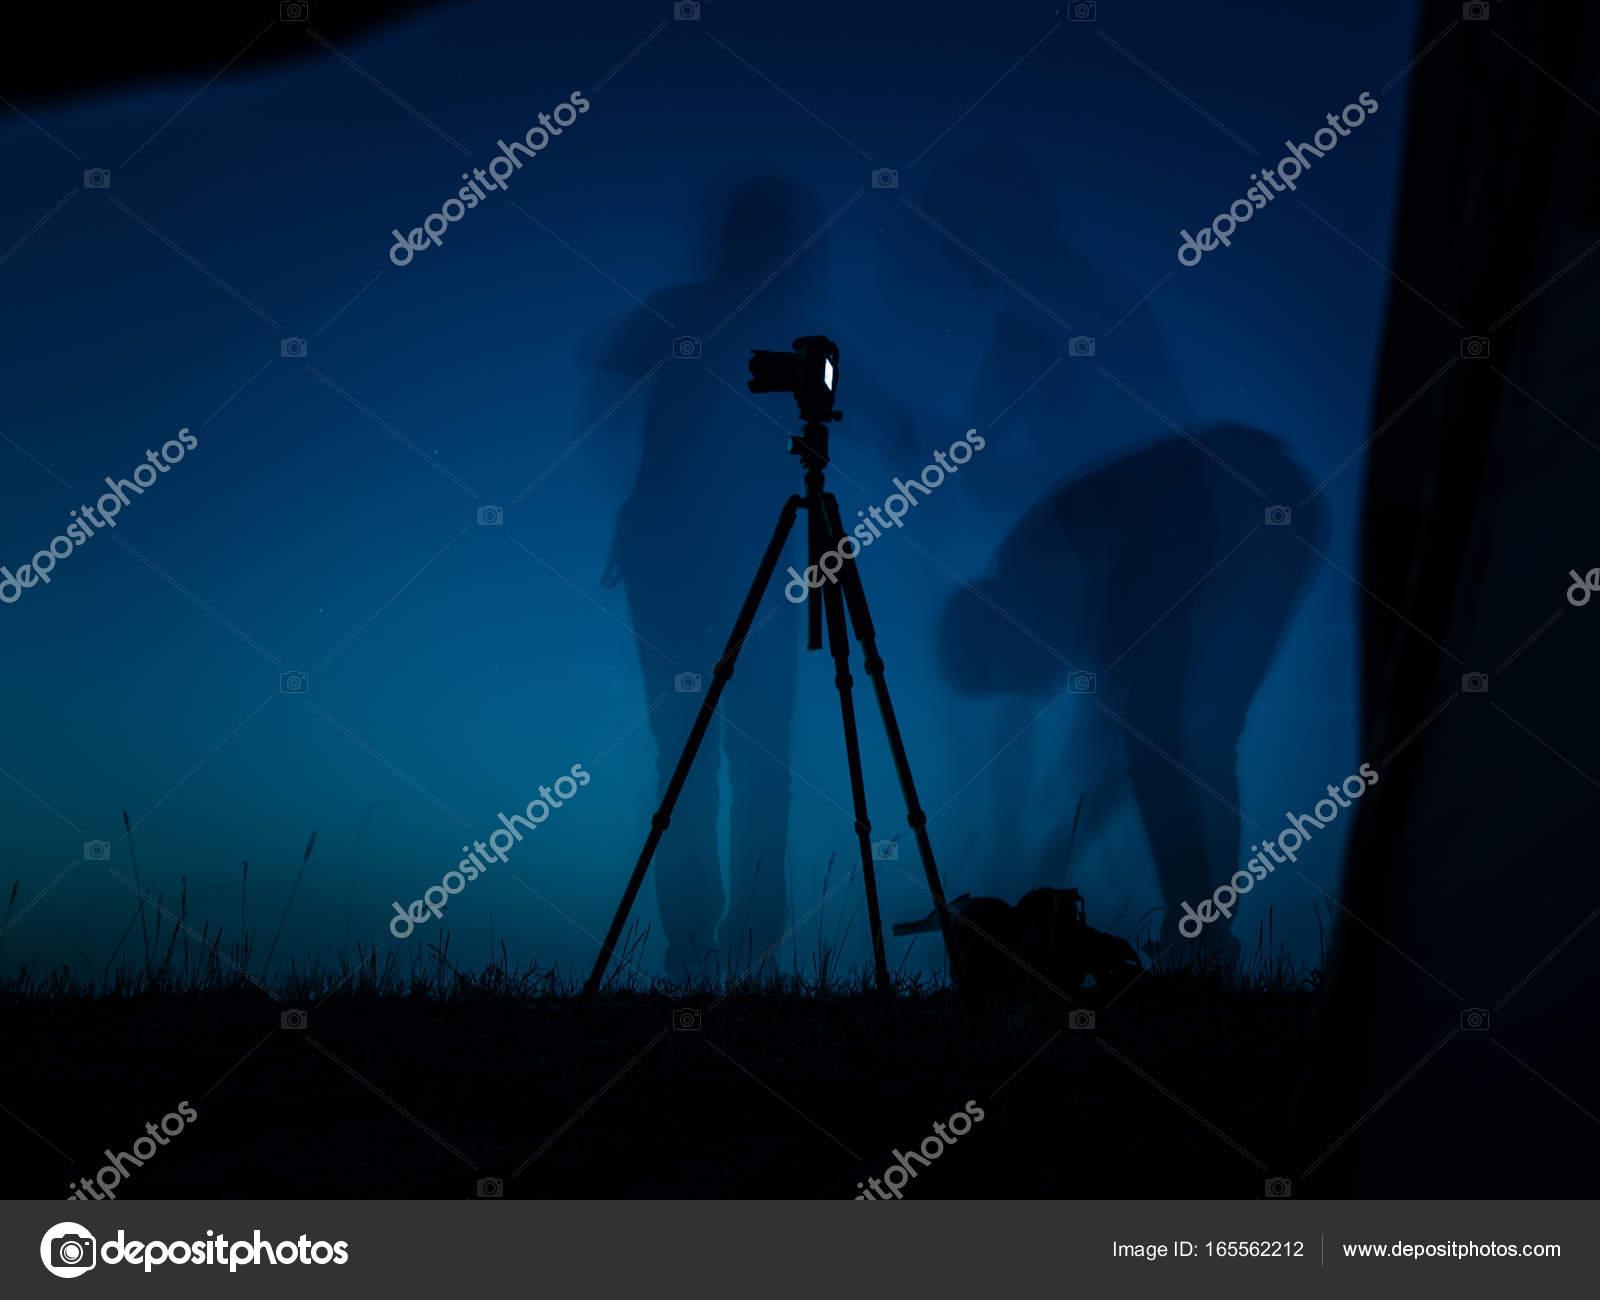 Foto a lunga esposizione artistica di un fotografo in azione